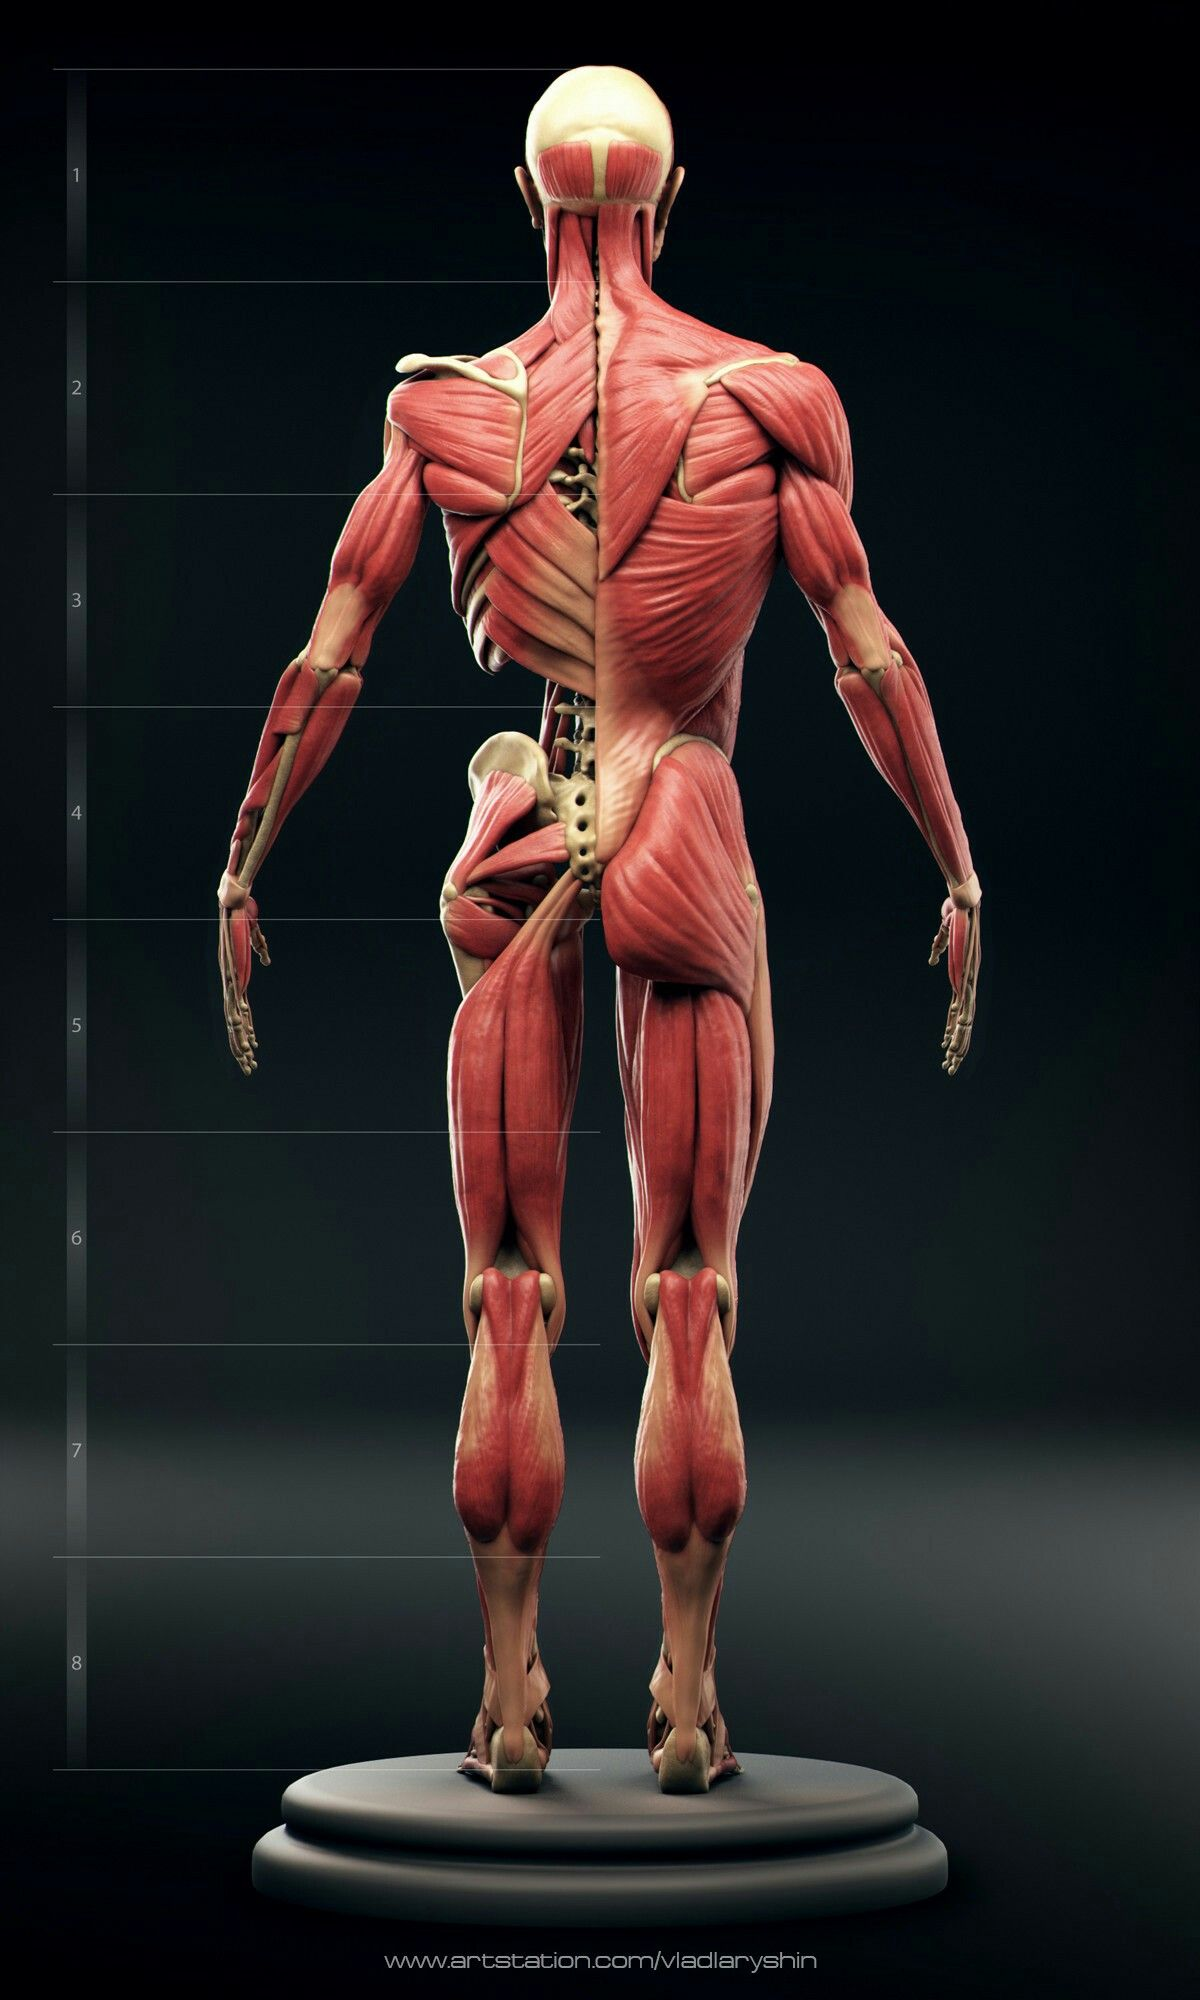 Pin de gabriela palanca en cuerpo humano | Pinterest | Anatomía ...